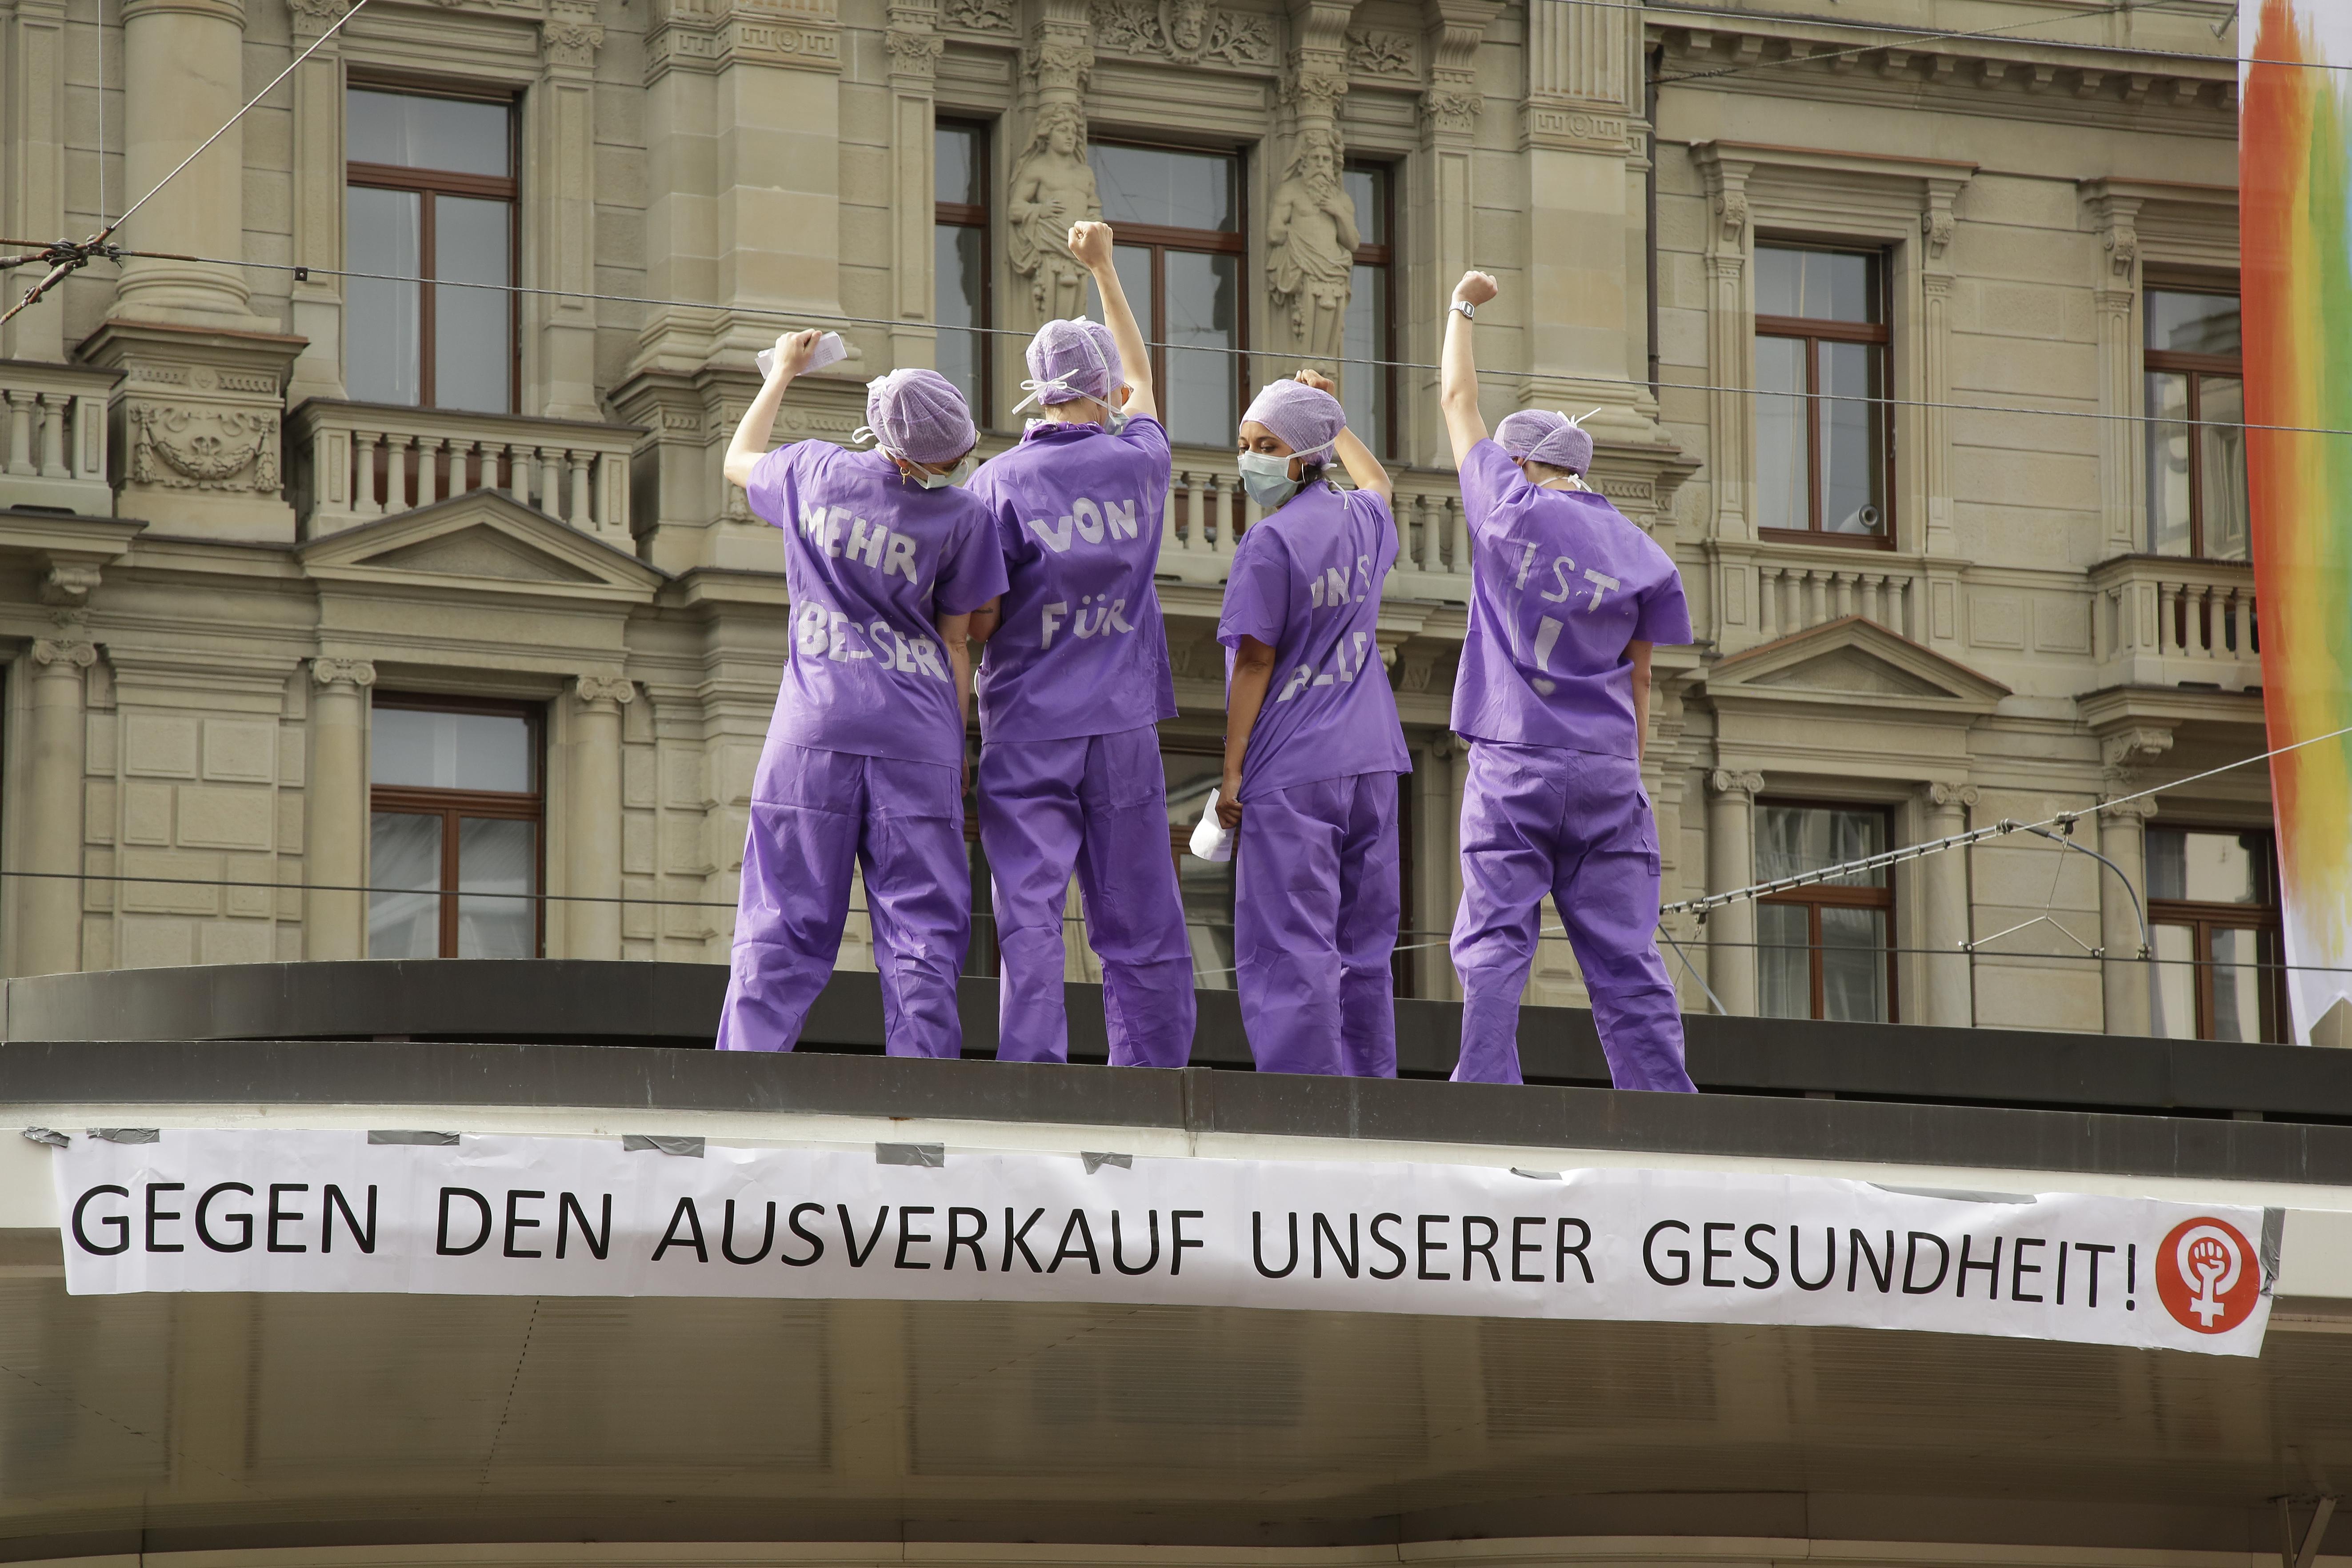 """Foto von Aktion von Pflegefachkräften am 14. Juni 2019 auf dem Dach der Tramstation am Paradeplatz mit Transparent auf dem steht """"Gegen den Ausverkauf unserer Gesundheit"""""""